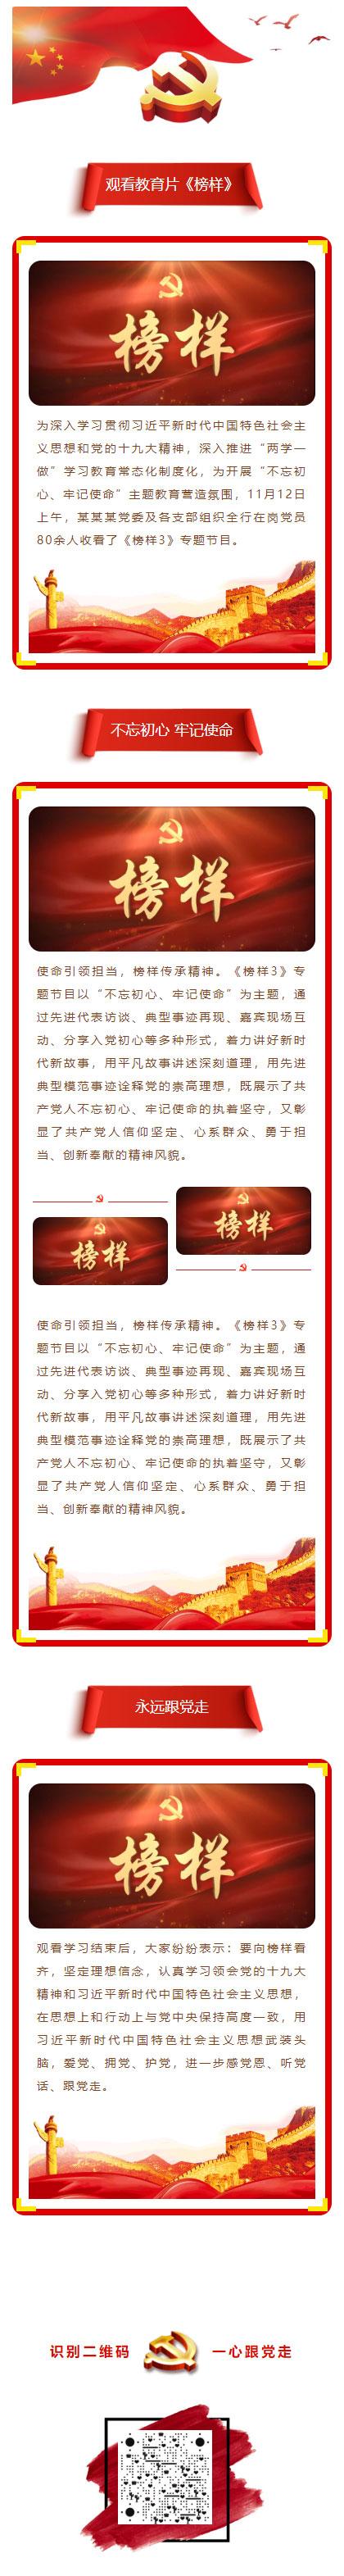 党政政府部分红色风格模板